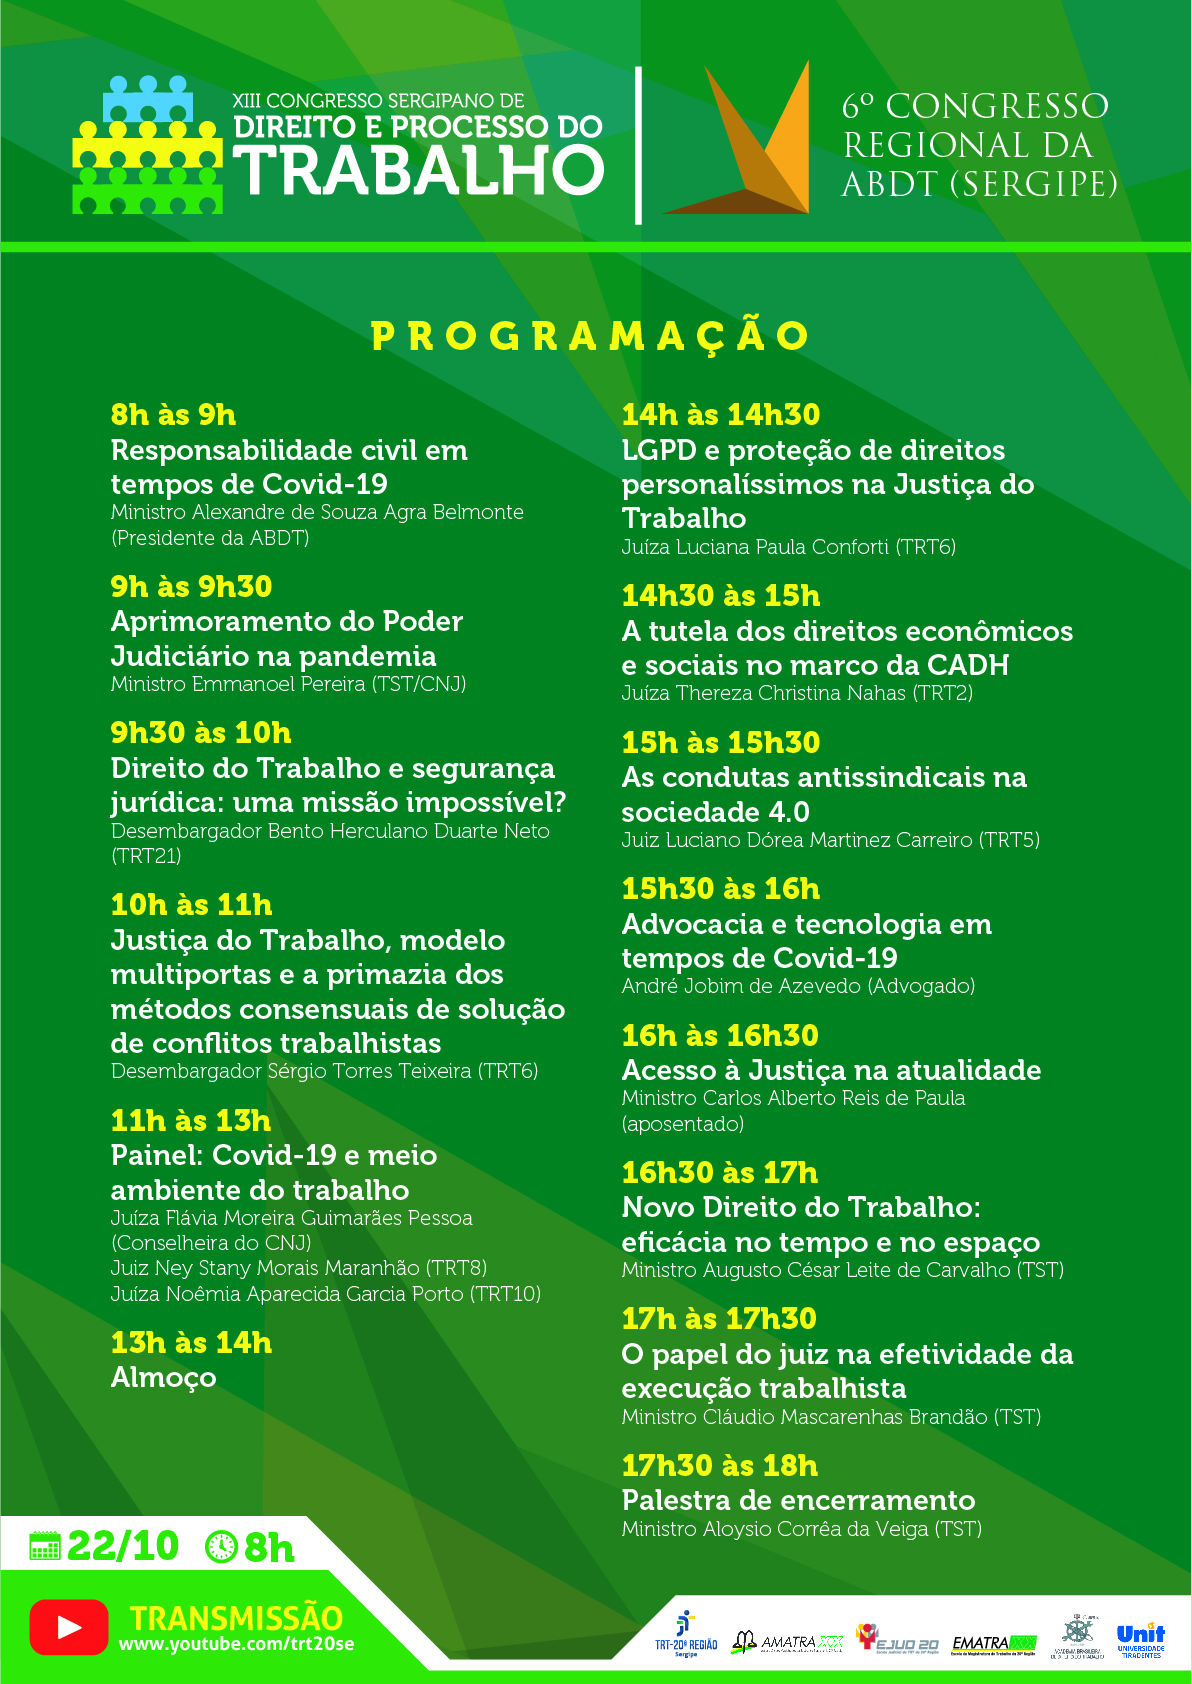 XIII Congresso Sergipano de Direito_Cartaz Final (3).jpg